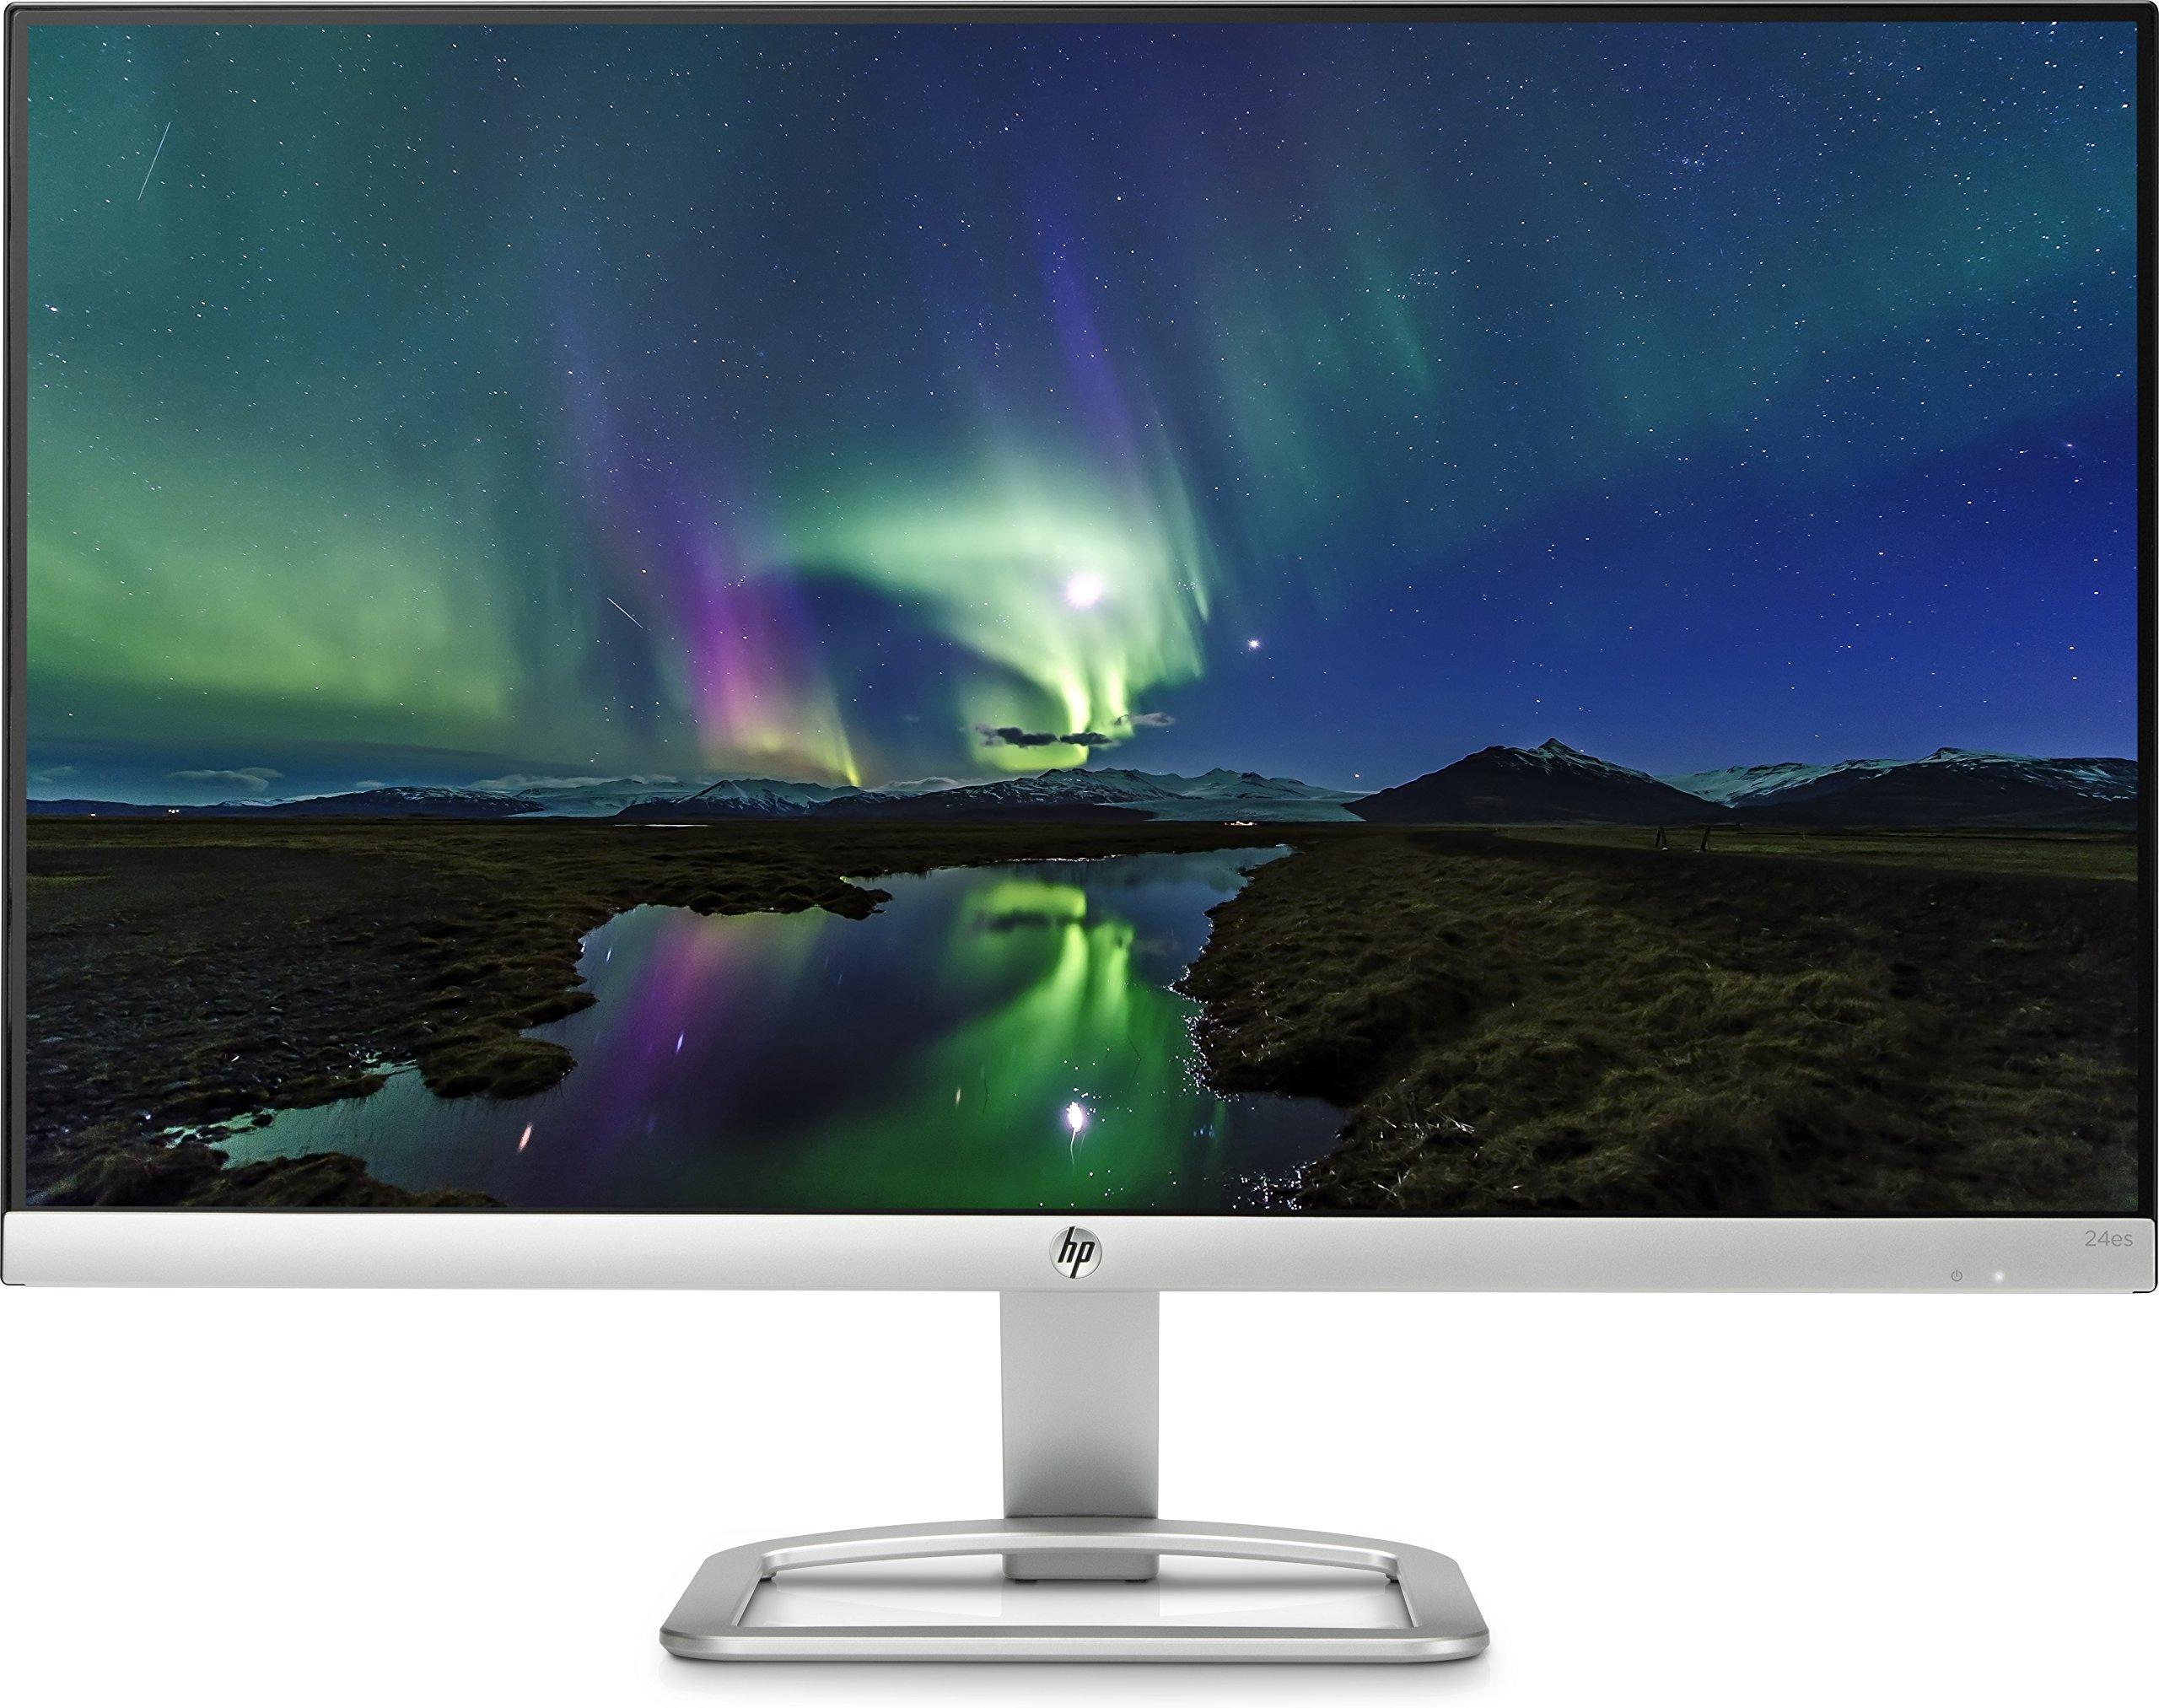 """HP 24es Ecran PC Full HD 23,8"""" Argent/Noir (IPS/LED, 60,45 cm, 1920 x 1080, 16:9, 60 Hz, 7 ms) (Ref: T3M78AA) product image"""